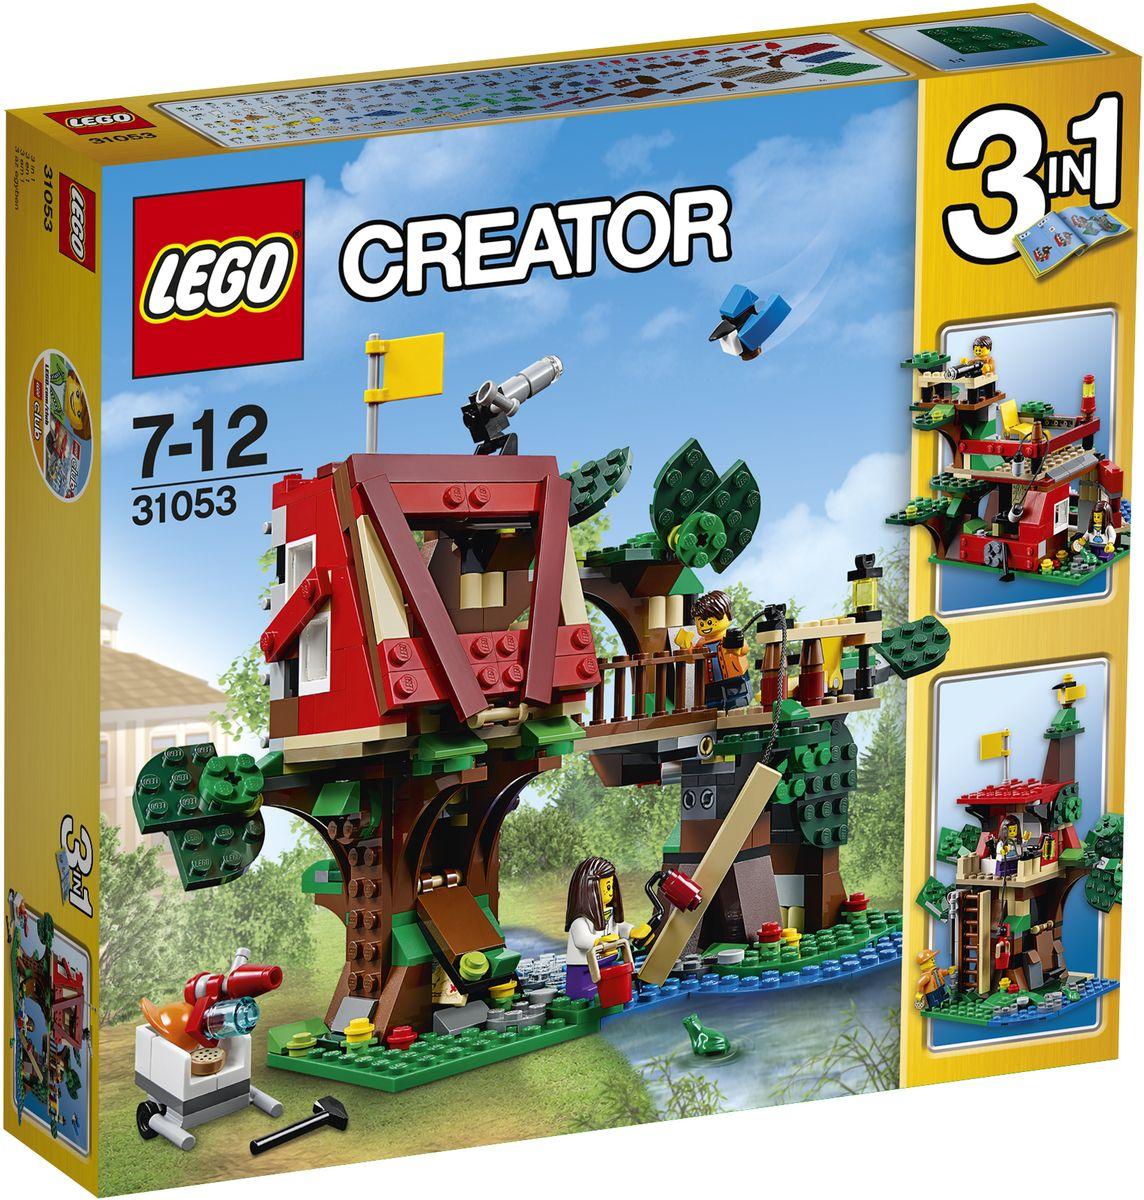 LEGO Creator Конструктор Домик на дереве 3105331053Наслаждайтесь захватывающими приключениями с этим красочным конструктором LEGO Creator. Домик на дереве. Помогите детям построить домик на дереве. Опустите шкив, чтобы сразу поднять доски, возьмите молоток и гвозди, чтобы сбить их вместе, и валик с краской, чтобы добавить последние штрихи. Когда закончите строительство, положите инструменты в потайной шкаф и поднимите флаг в домике на дереве! Используйте водяной пистолет, чтобы отогнать захватчиков. Наблюдайте за крошечной голубой сойкой и лягушкой, живущих по соседству. Перестройте домик в классный клубный домик или удивительный форт. Набор включает в себя 387 разноцветных пластиковых элементов. Конструктор станет замечательным сюрпризом вашему ребенку, который будет способствовать развитию мелкой моторики рук, внимательности, усидчивости и мышления. Играя с конструктором, ребенок научится собирать детали по образцу, проводить время с пользой и удовольствием.